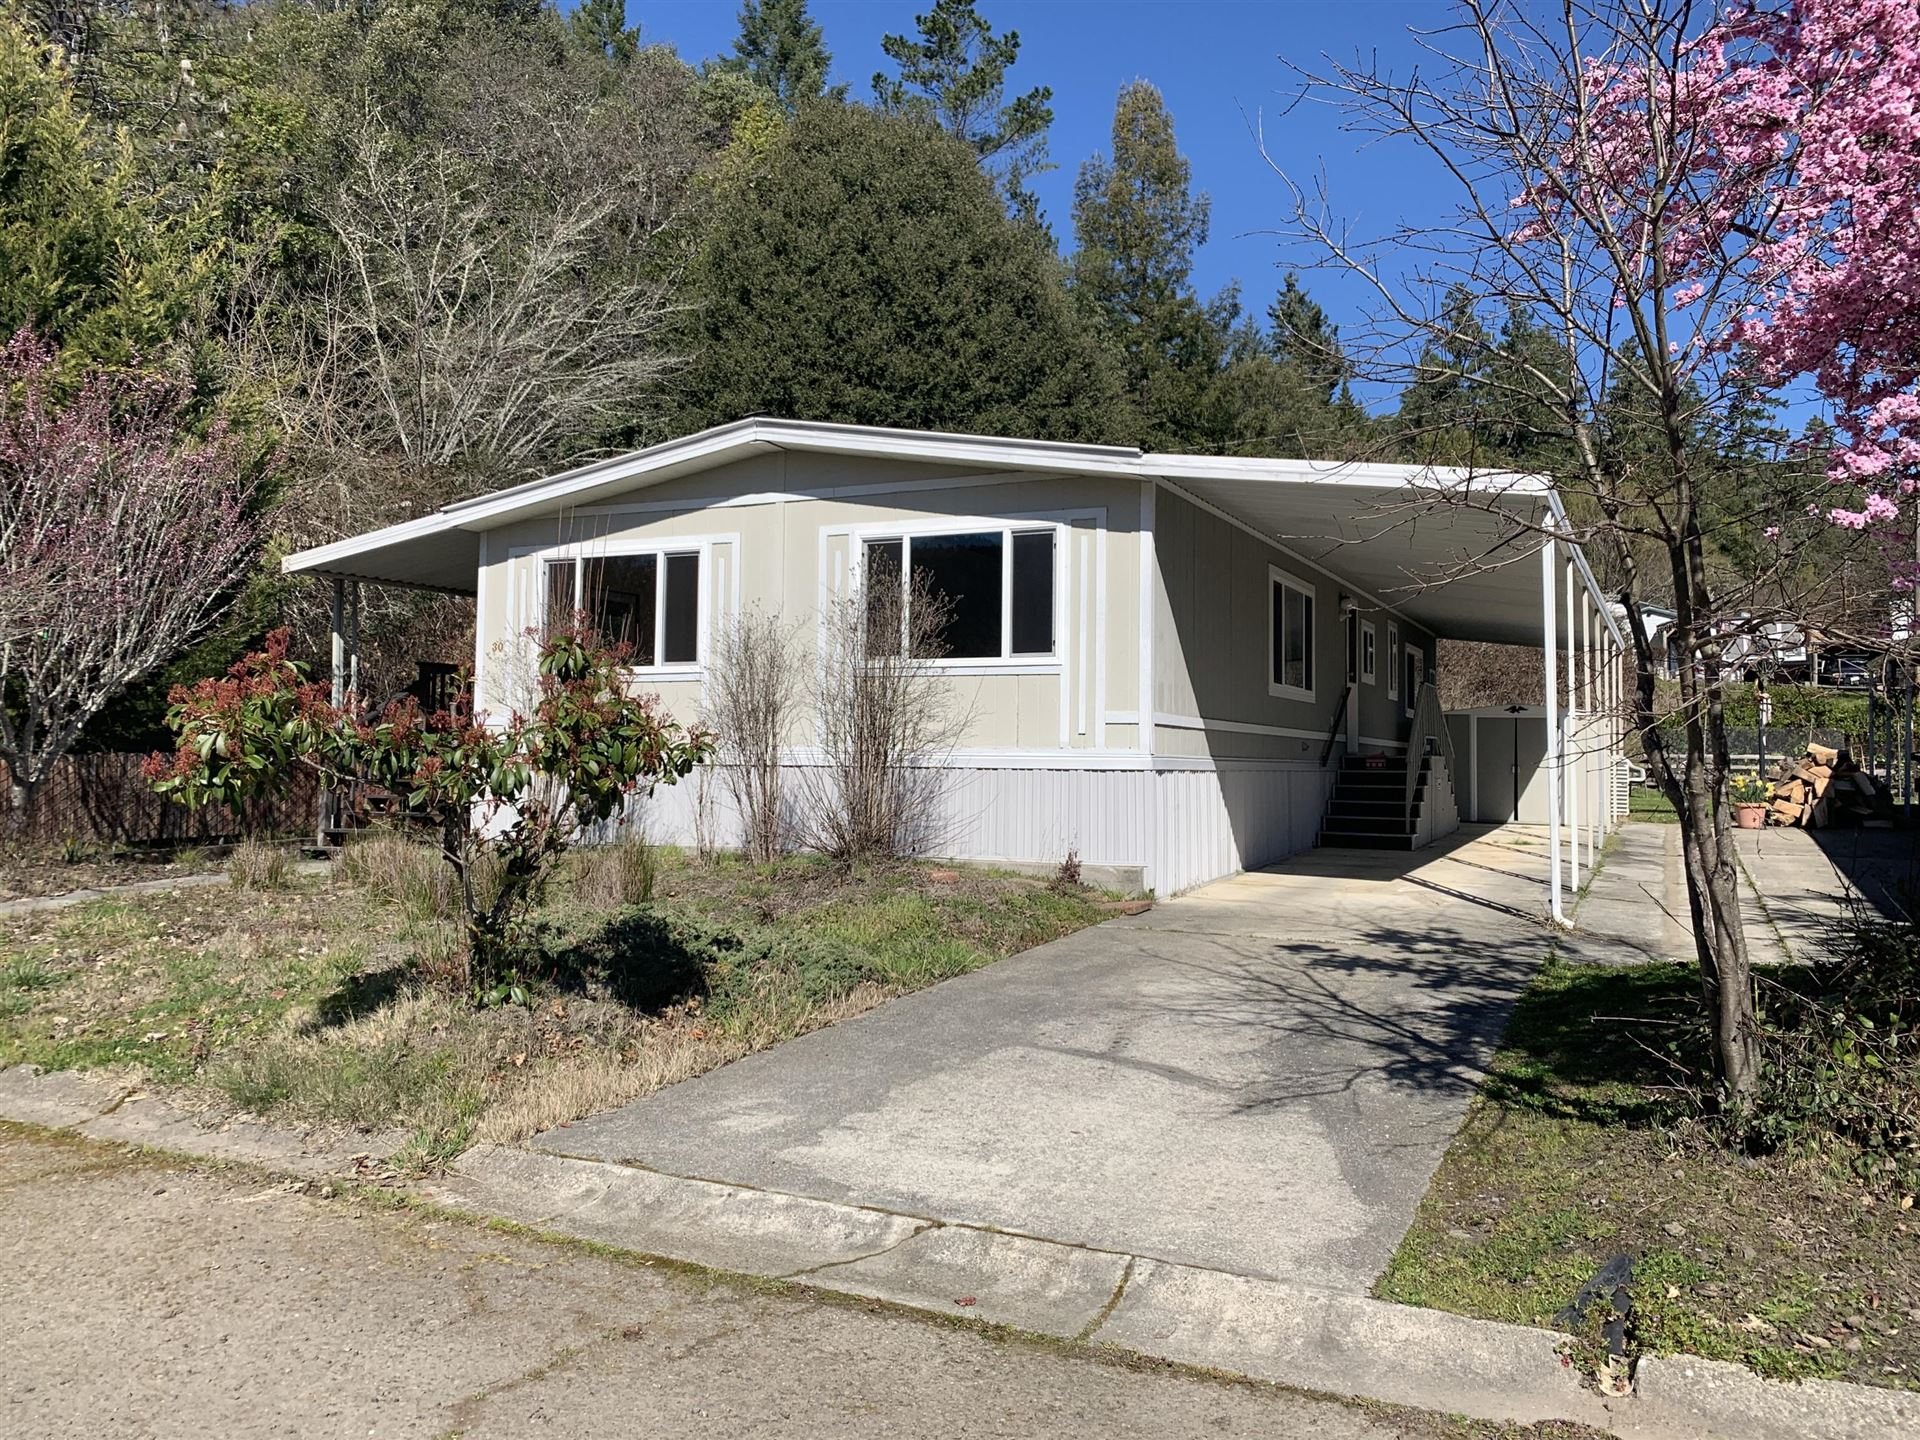 146 West Coast  #30 Road, Redway, CA 95560 - MLS#: 256000